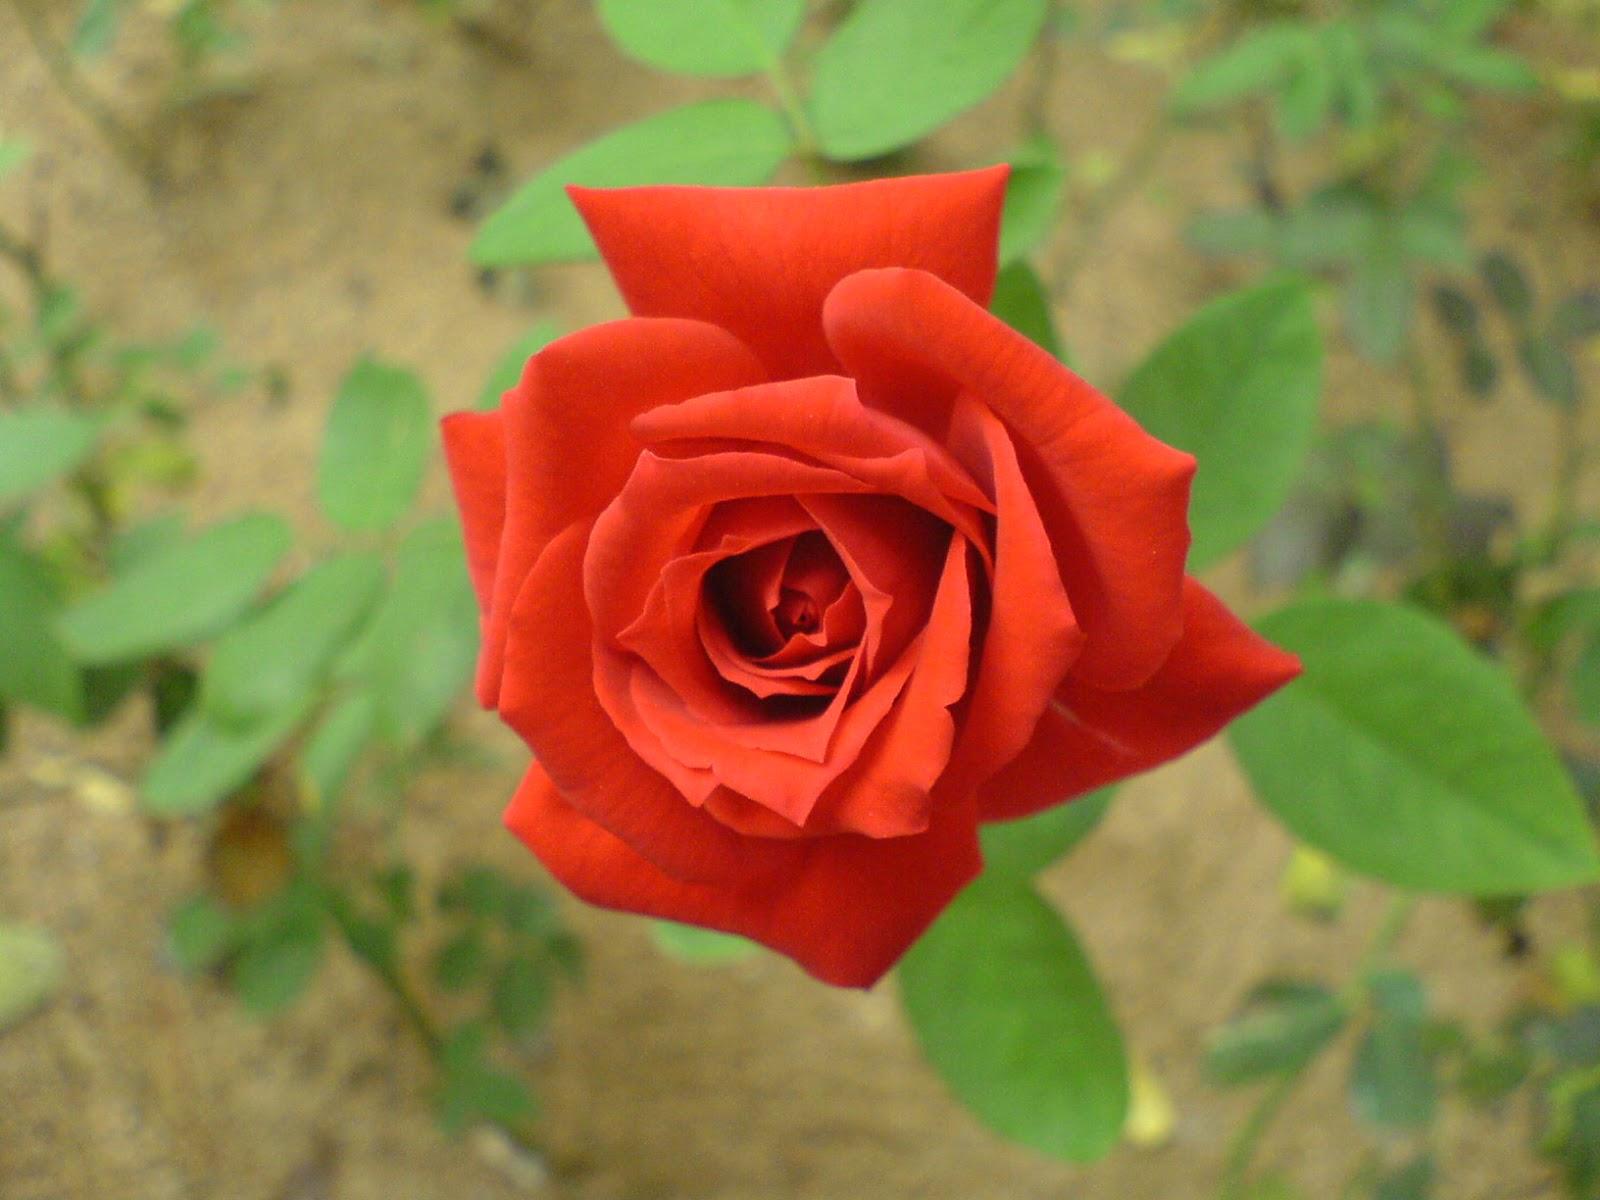 A Beautiful Rose Beautiful Red Roses Beautiful Roses Photos